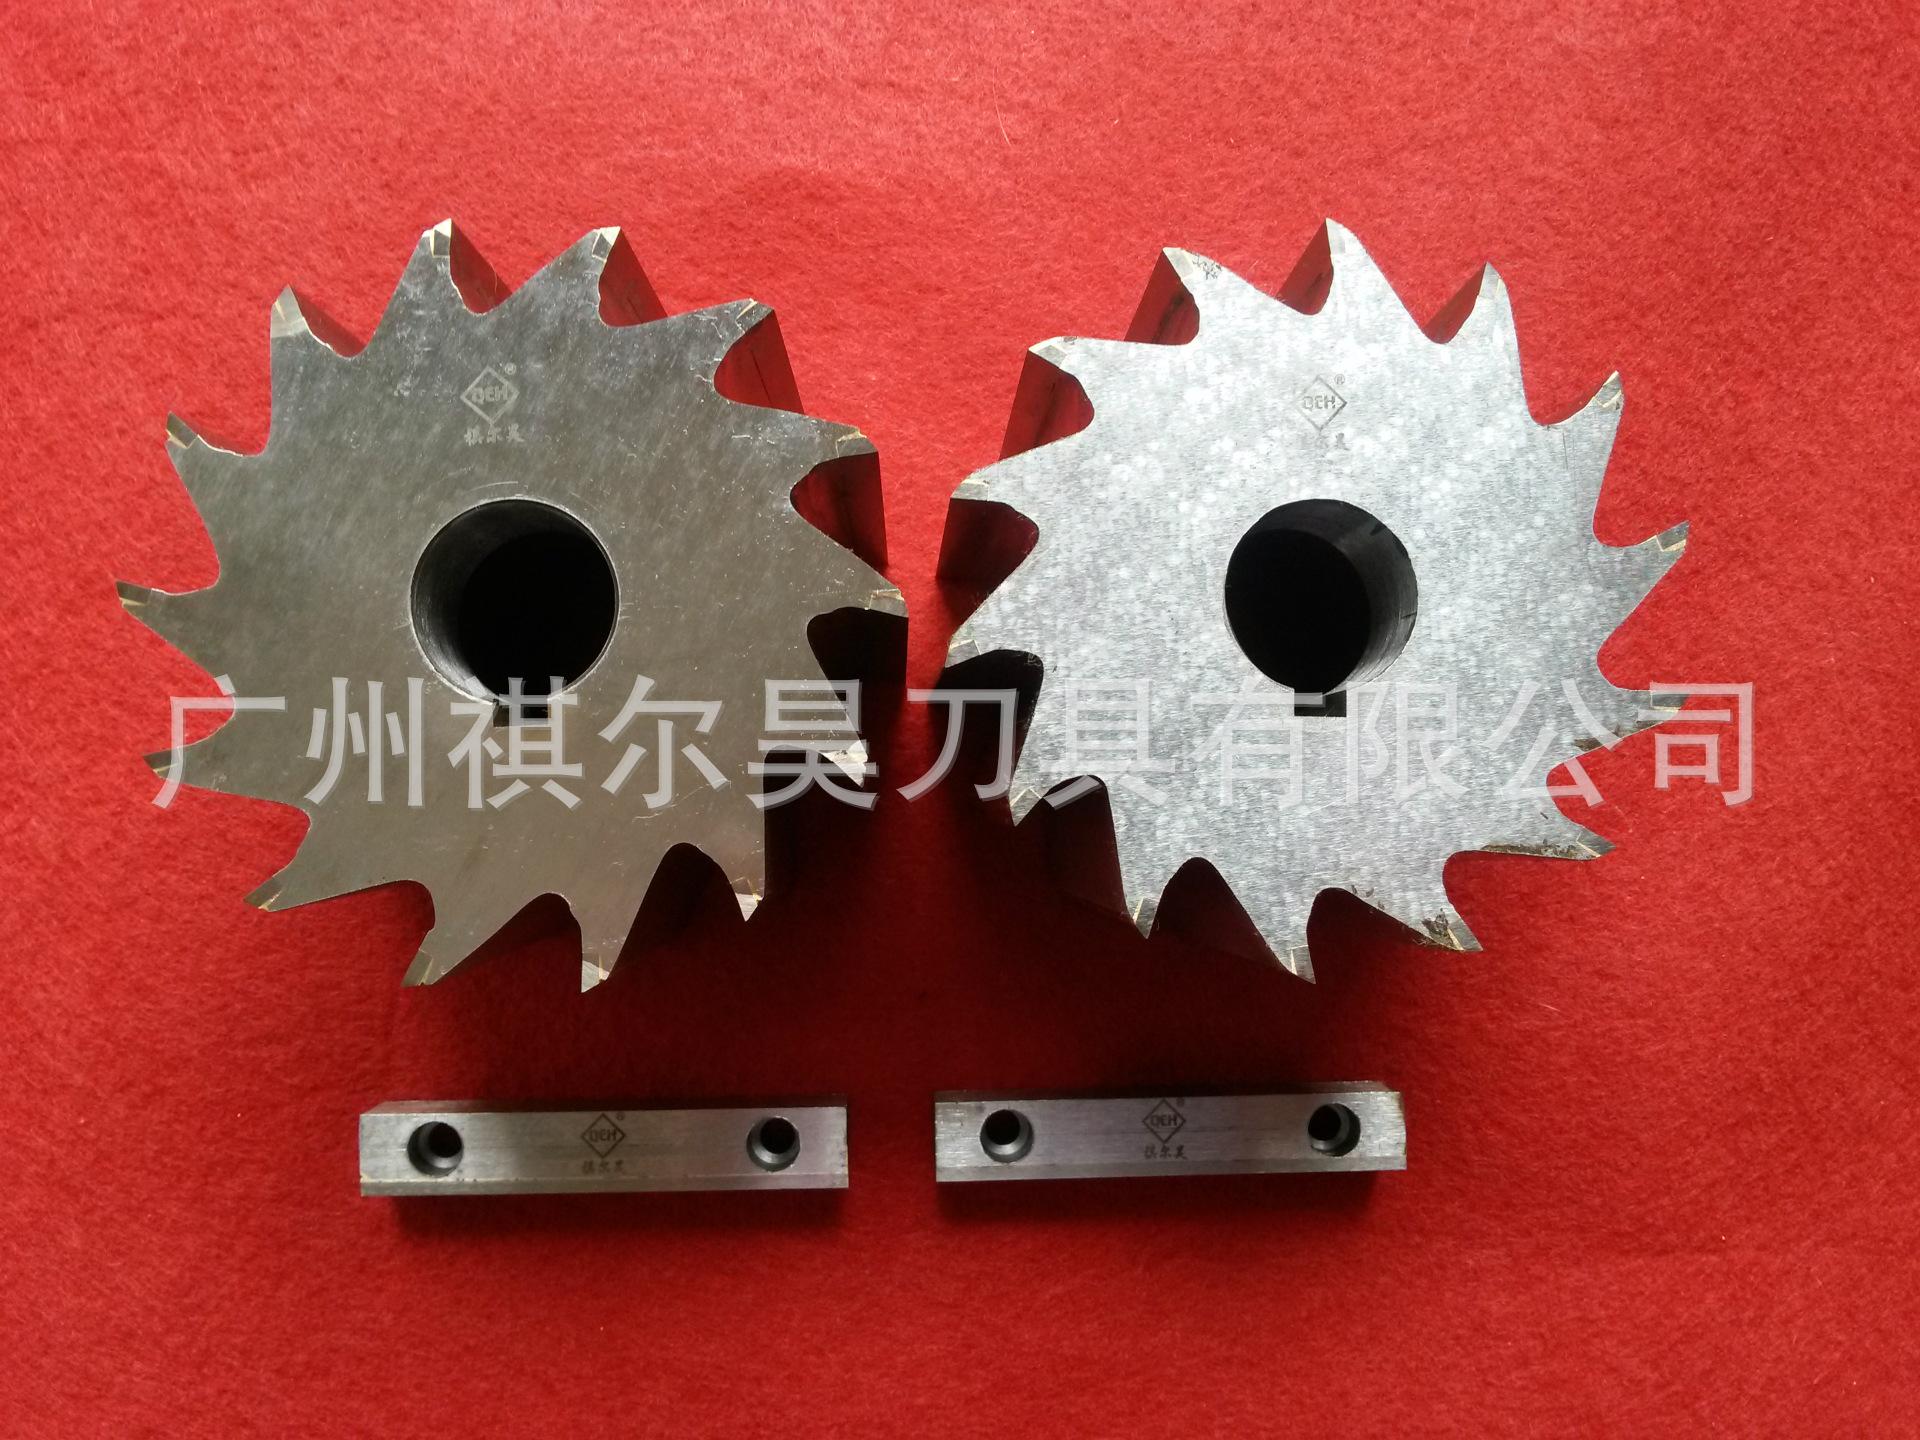 非标定制机滚刀-镶合金塑料造粒机滚刀-全钢塑料切粒机滚刀